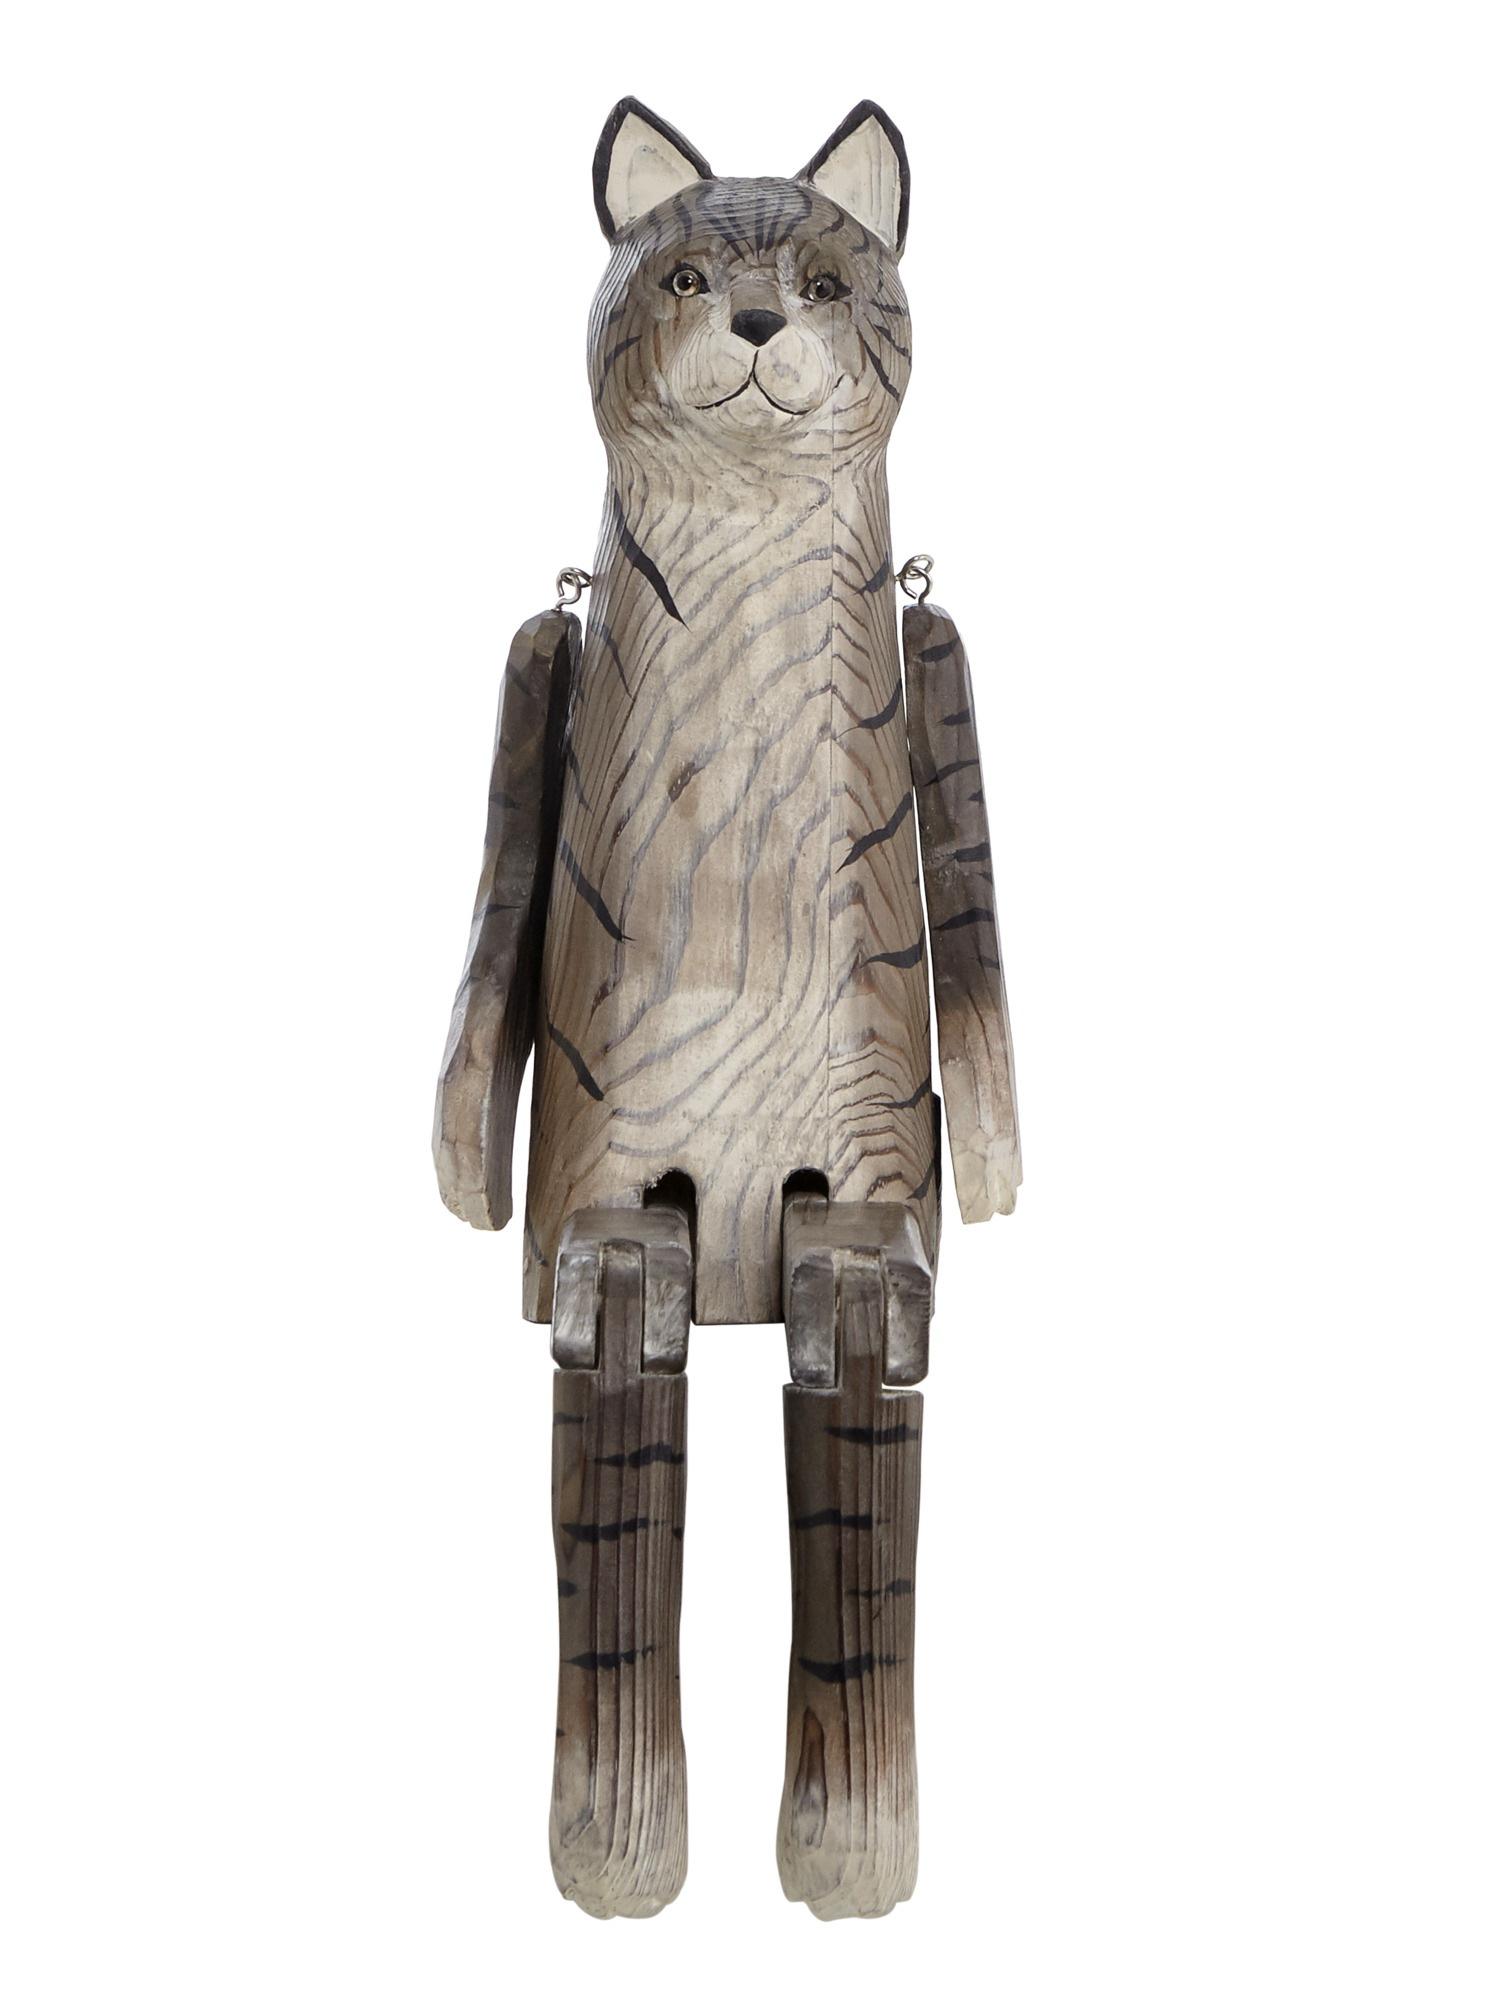 5fa068fd621d84 heine-home Figuren online kaufen | Möbel-Suchmaschine | ladendirekt.de